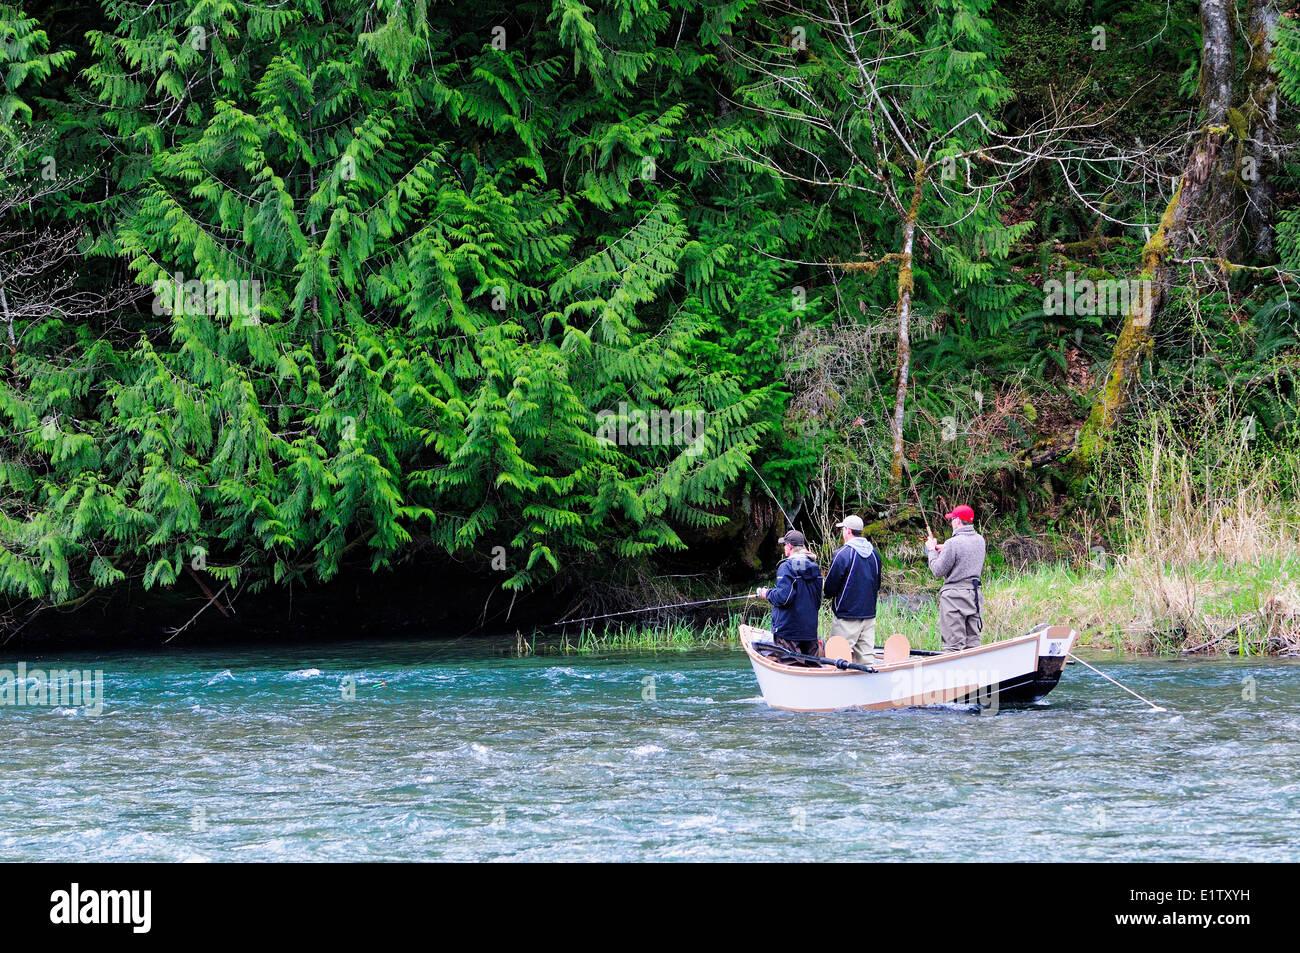 Trois gars pêche à la dérive d'un bateau tandis que la dérive de la rivière Cowichan Photo Stock